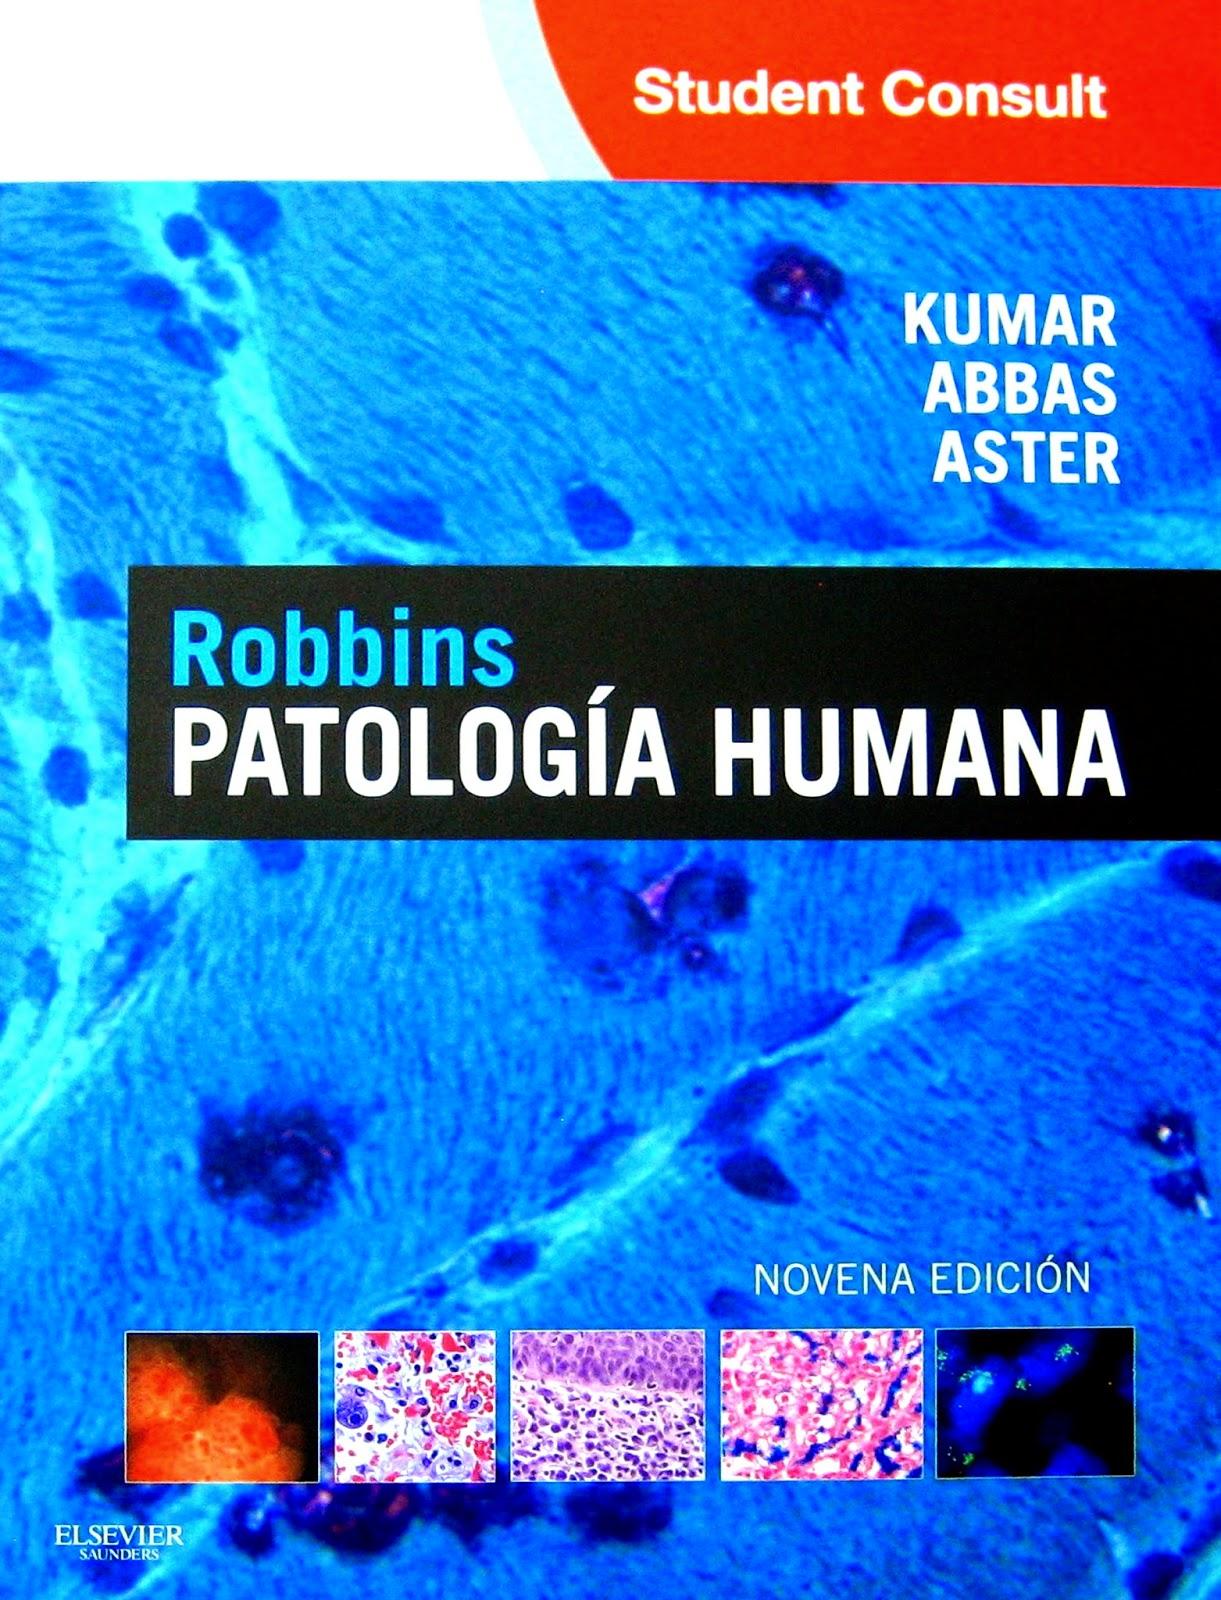 Robbins Patología Humana 9ª Edición | booksmedicos